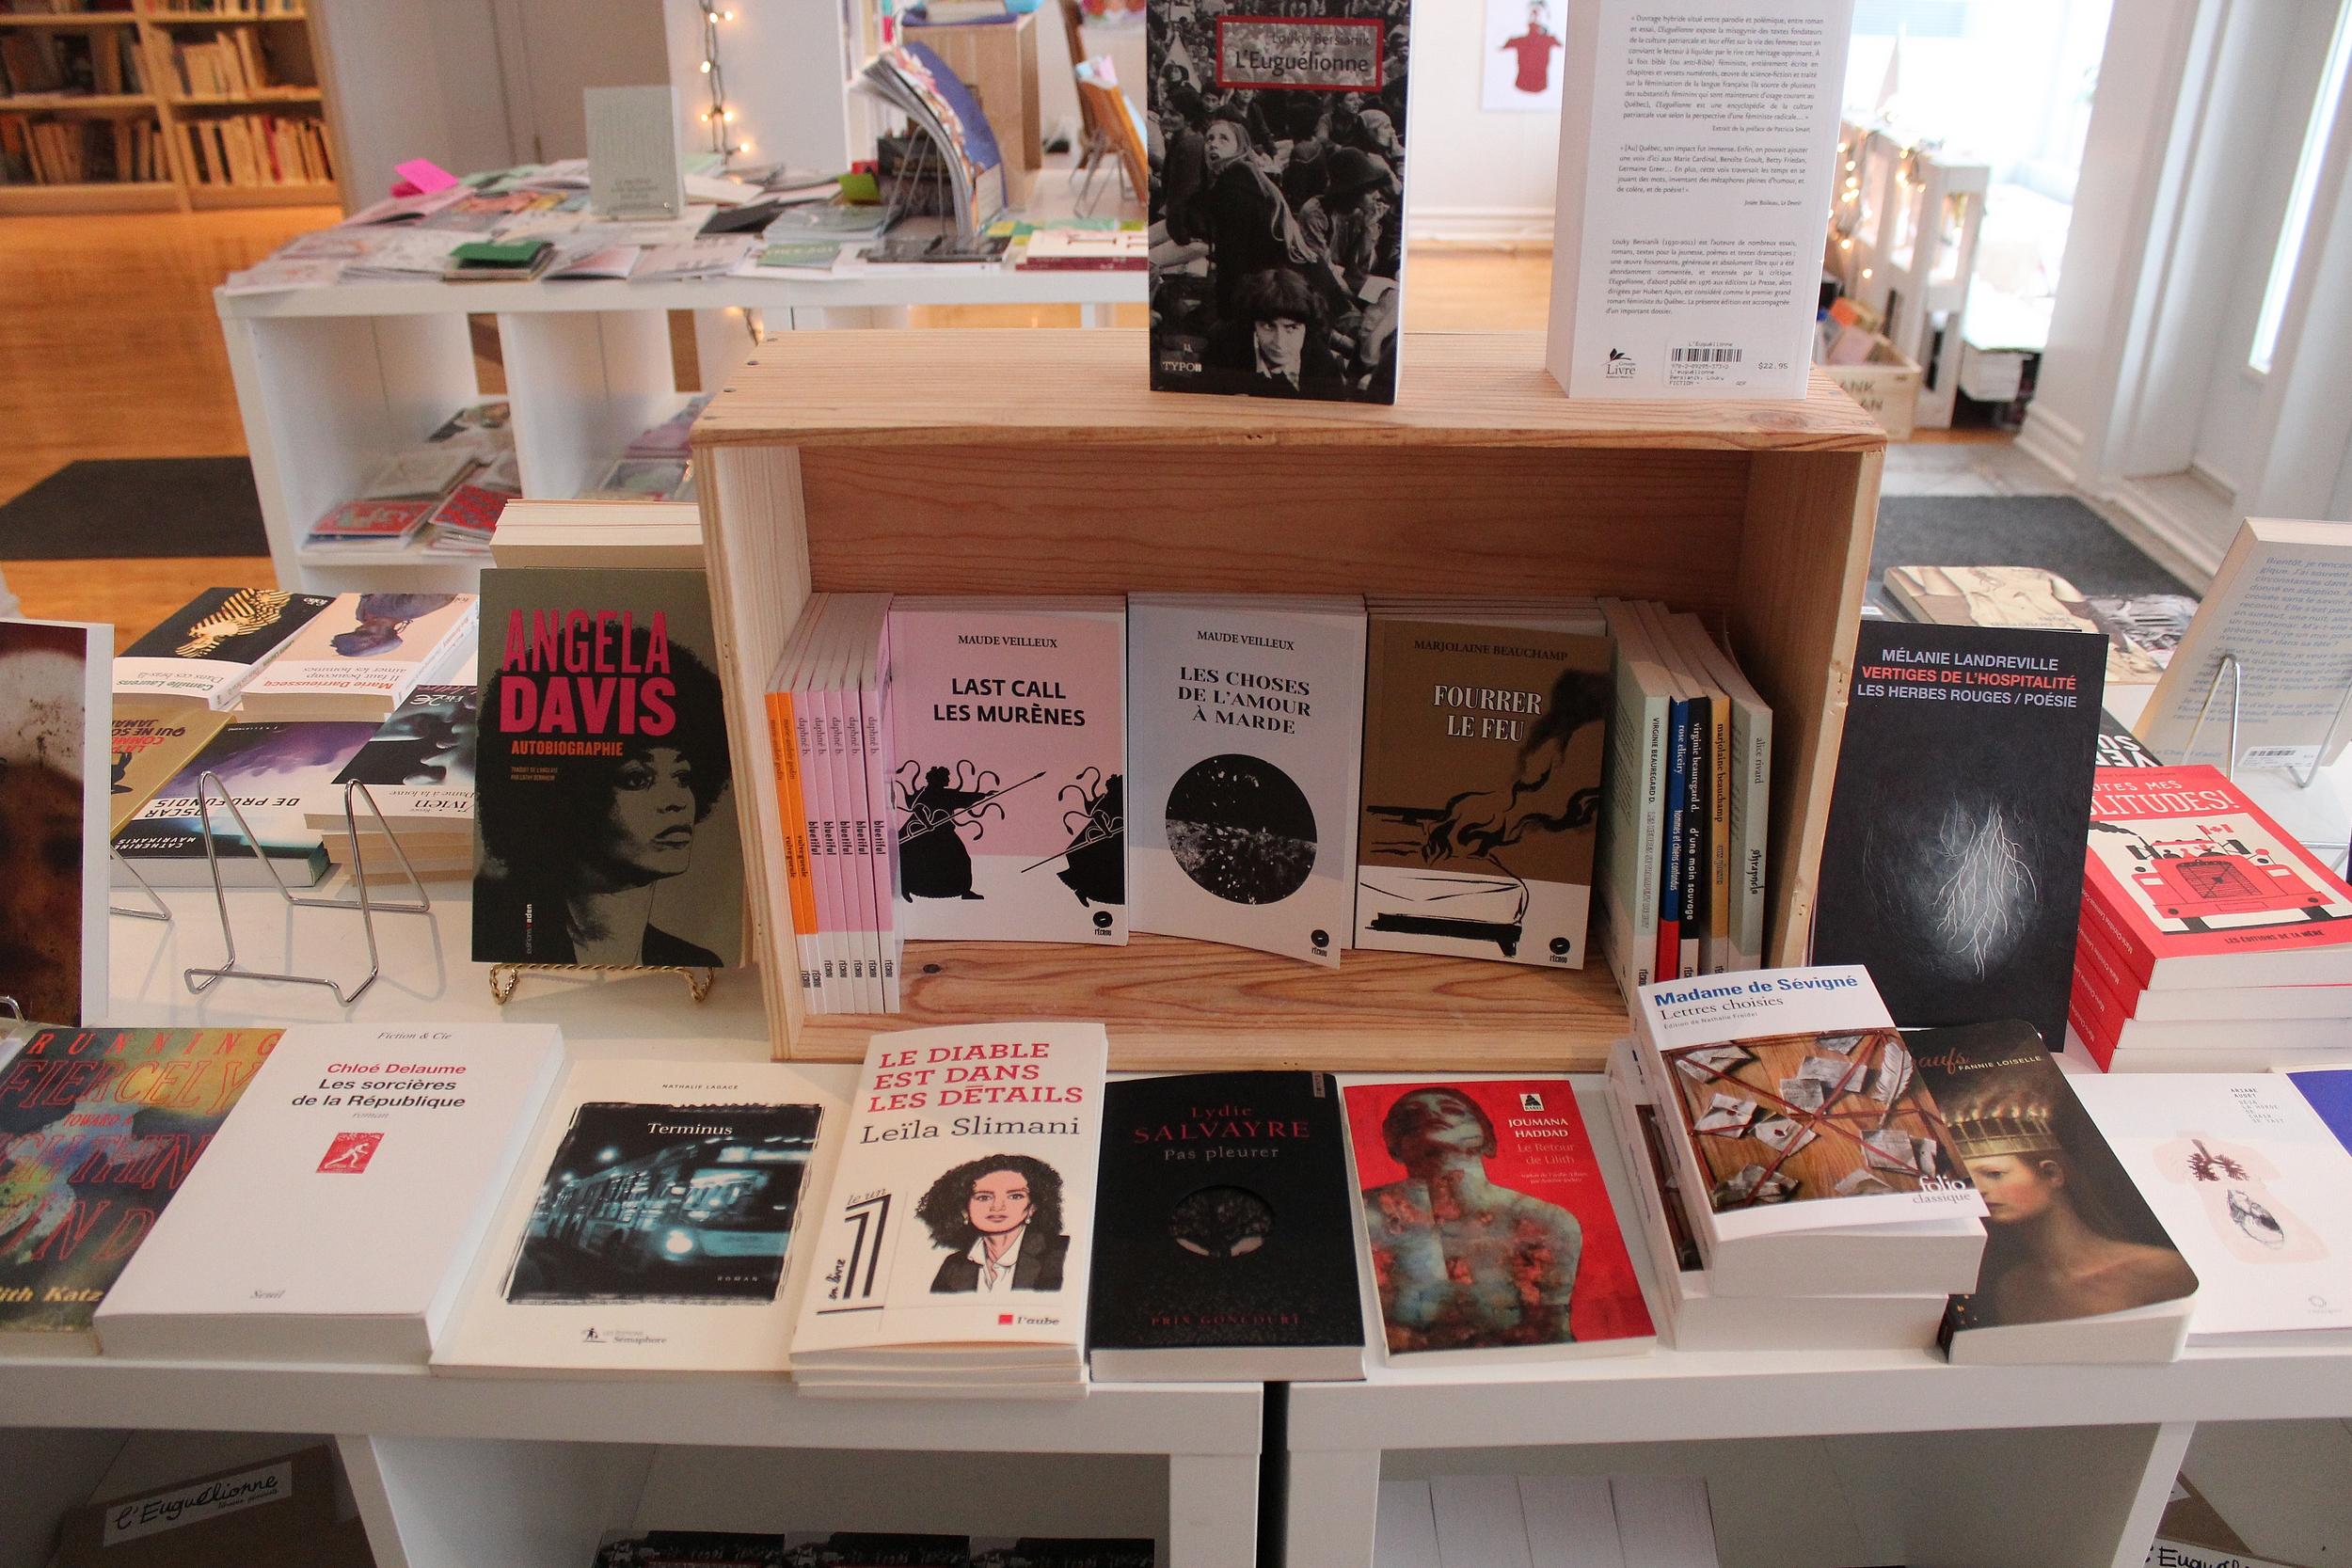 L'Euguélionne se spécialise dans la littérature des femmes en proposant divers ouvrages. ©AL